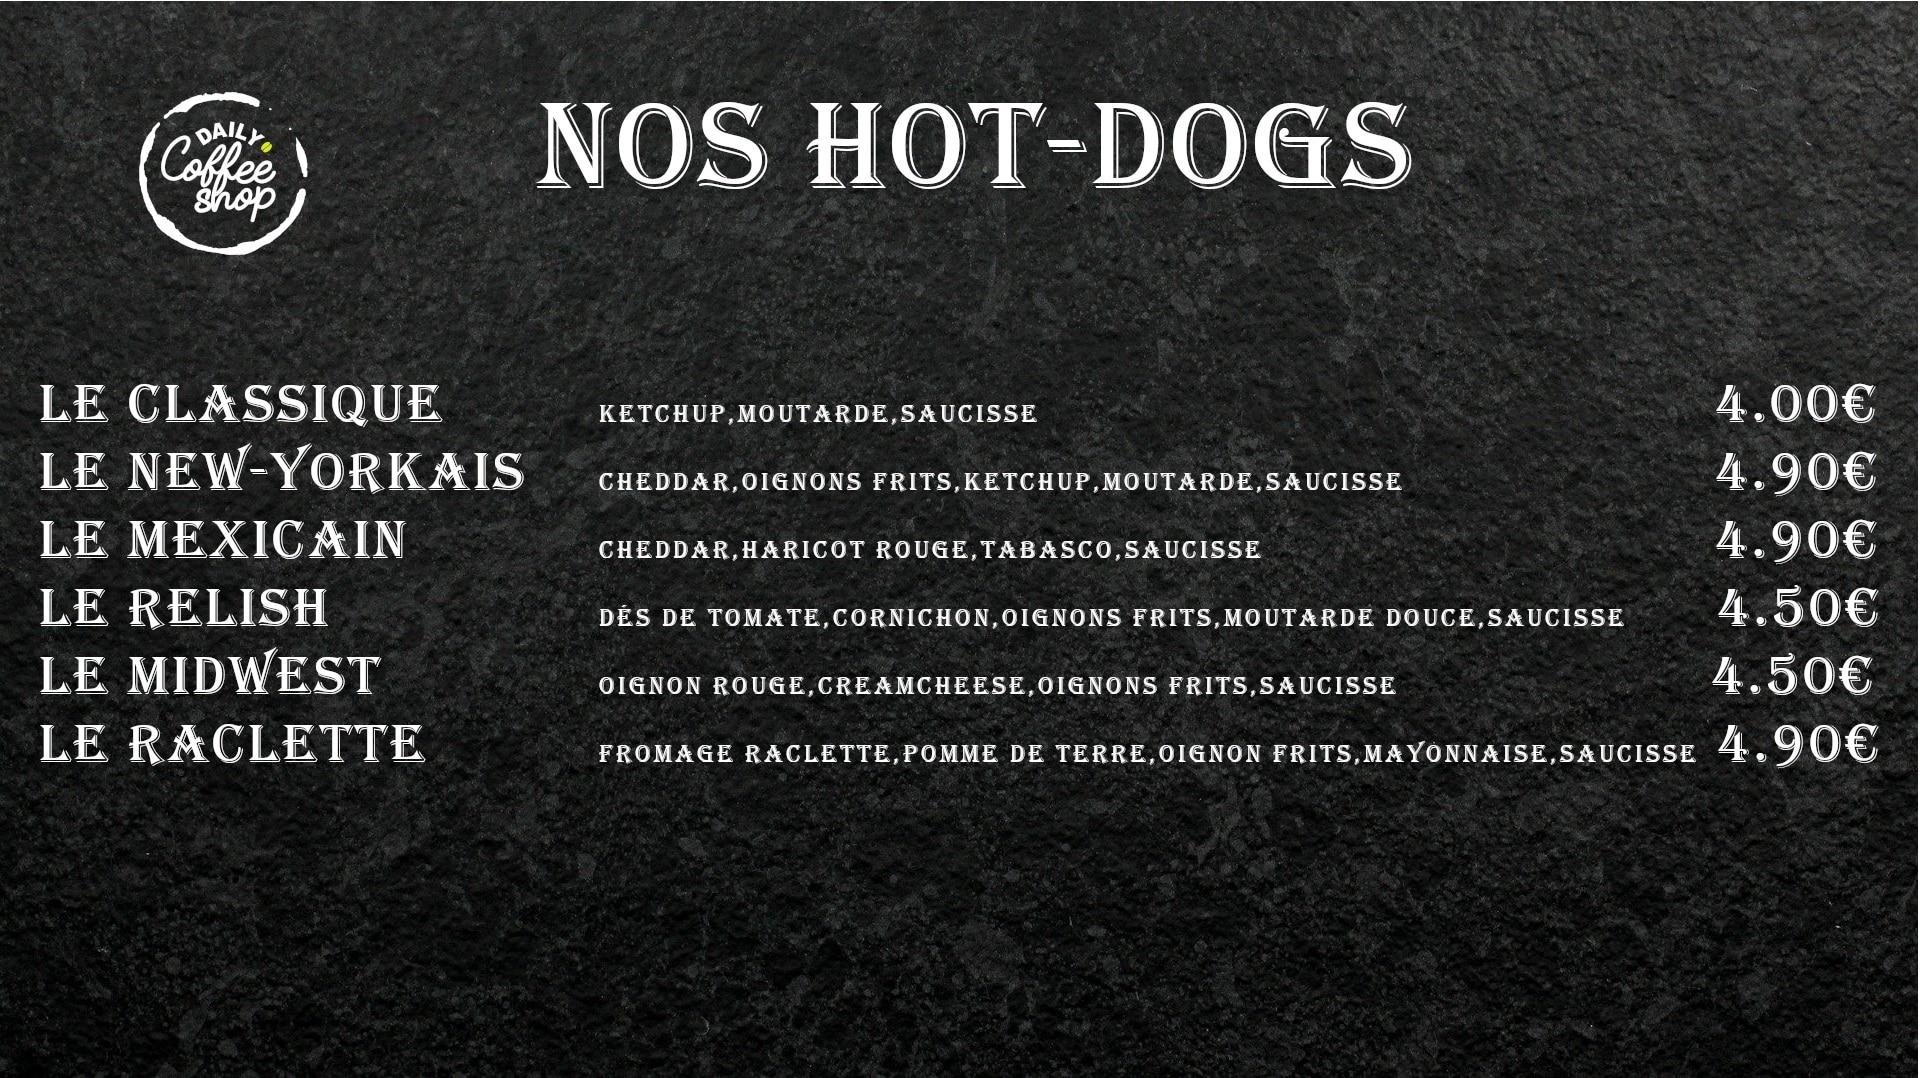 Images du menu des hot dogs Daily Coffee Shop